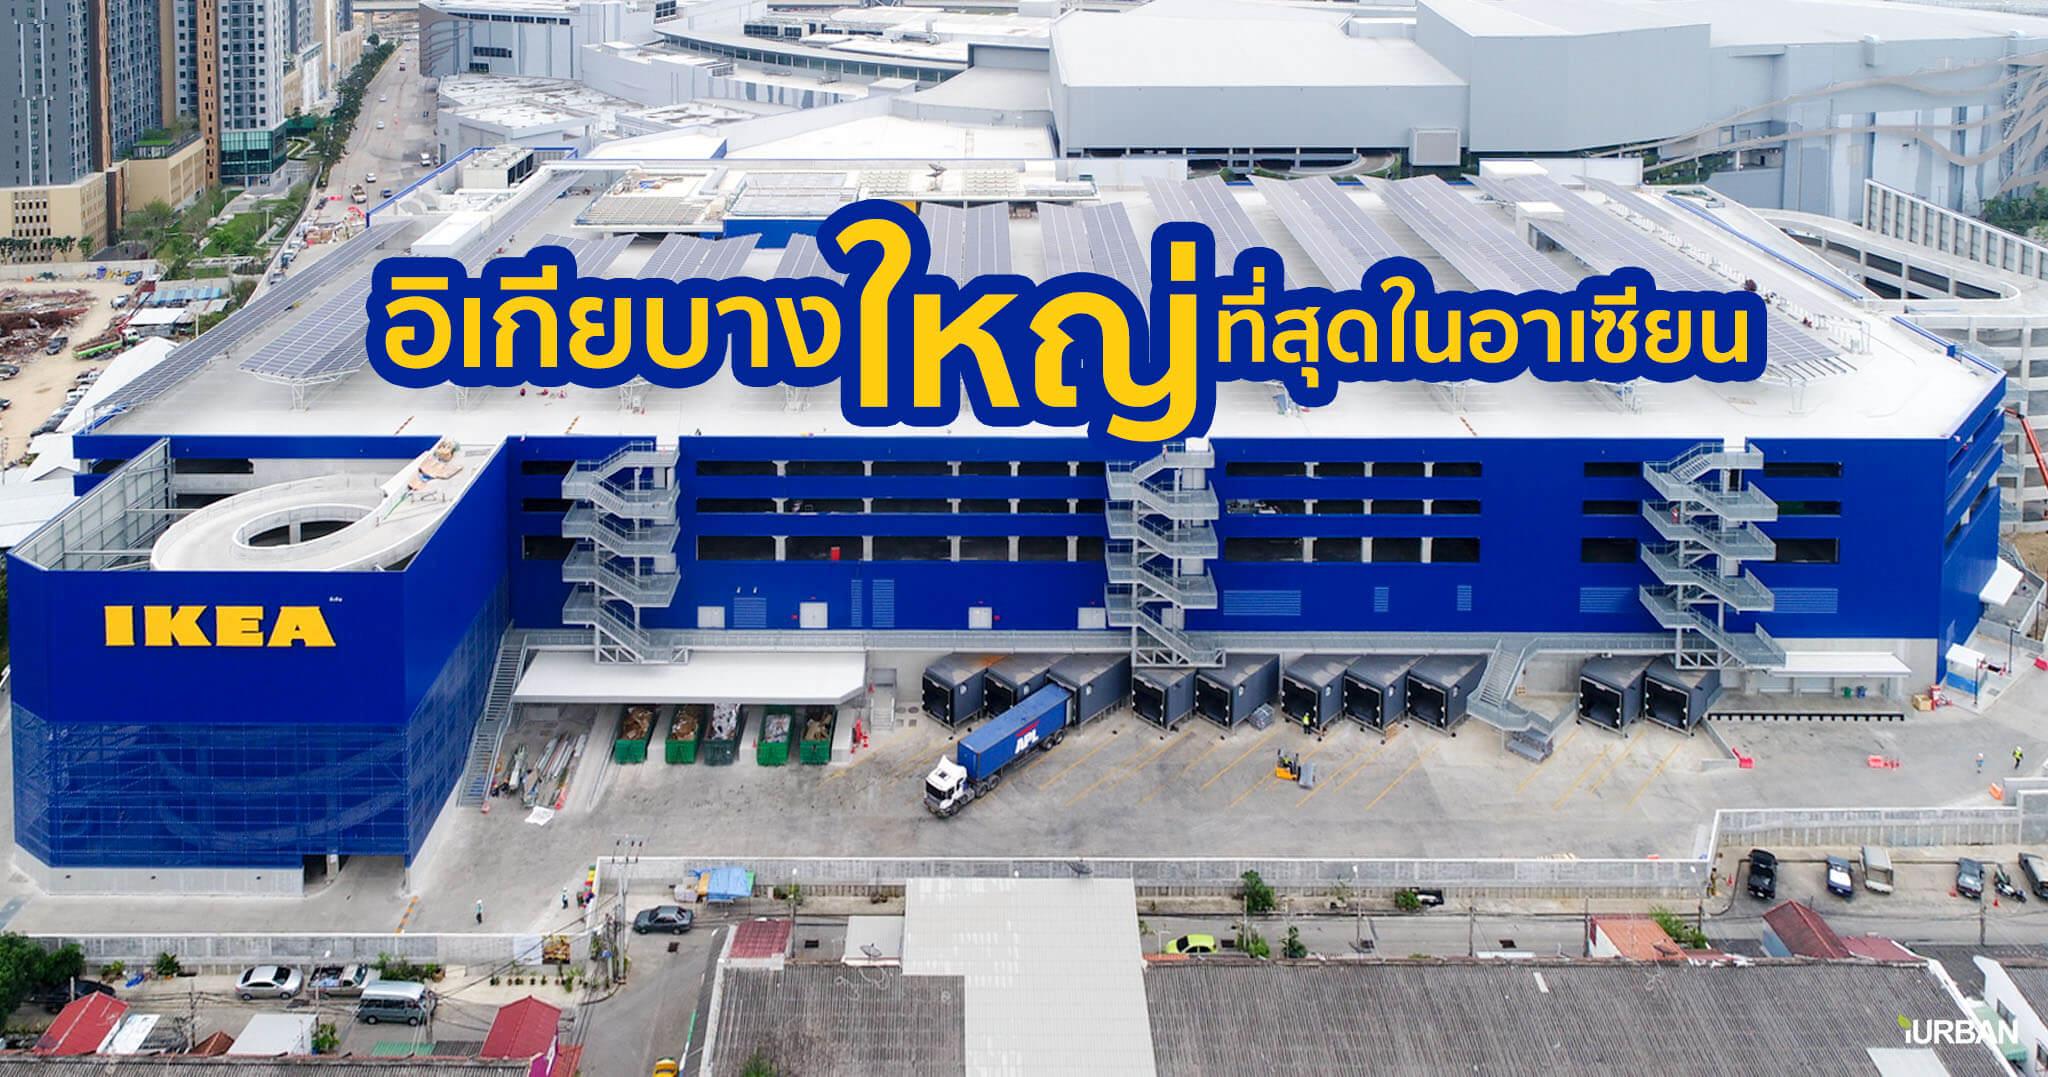 """6 สิ่งที่ต้องรู้ก่อนไป """"อิเกีย บางใหญ่"""" สโตร์ที่ 2 ของไทย ใหญ่สุดในอาเซียน 13 - IKEA (อิเกีย)"""